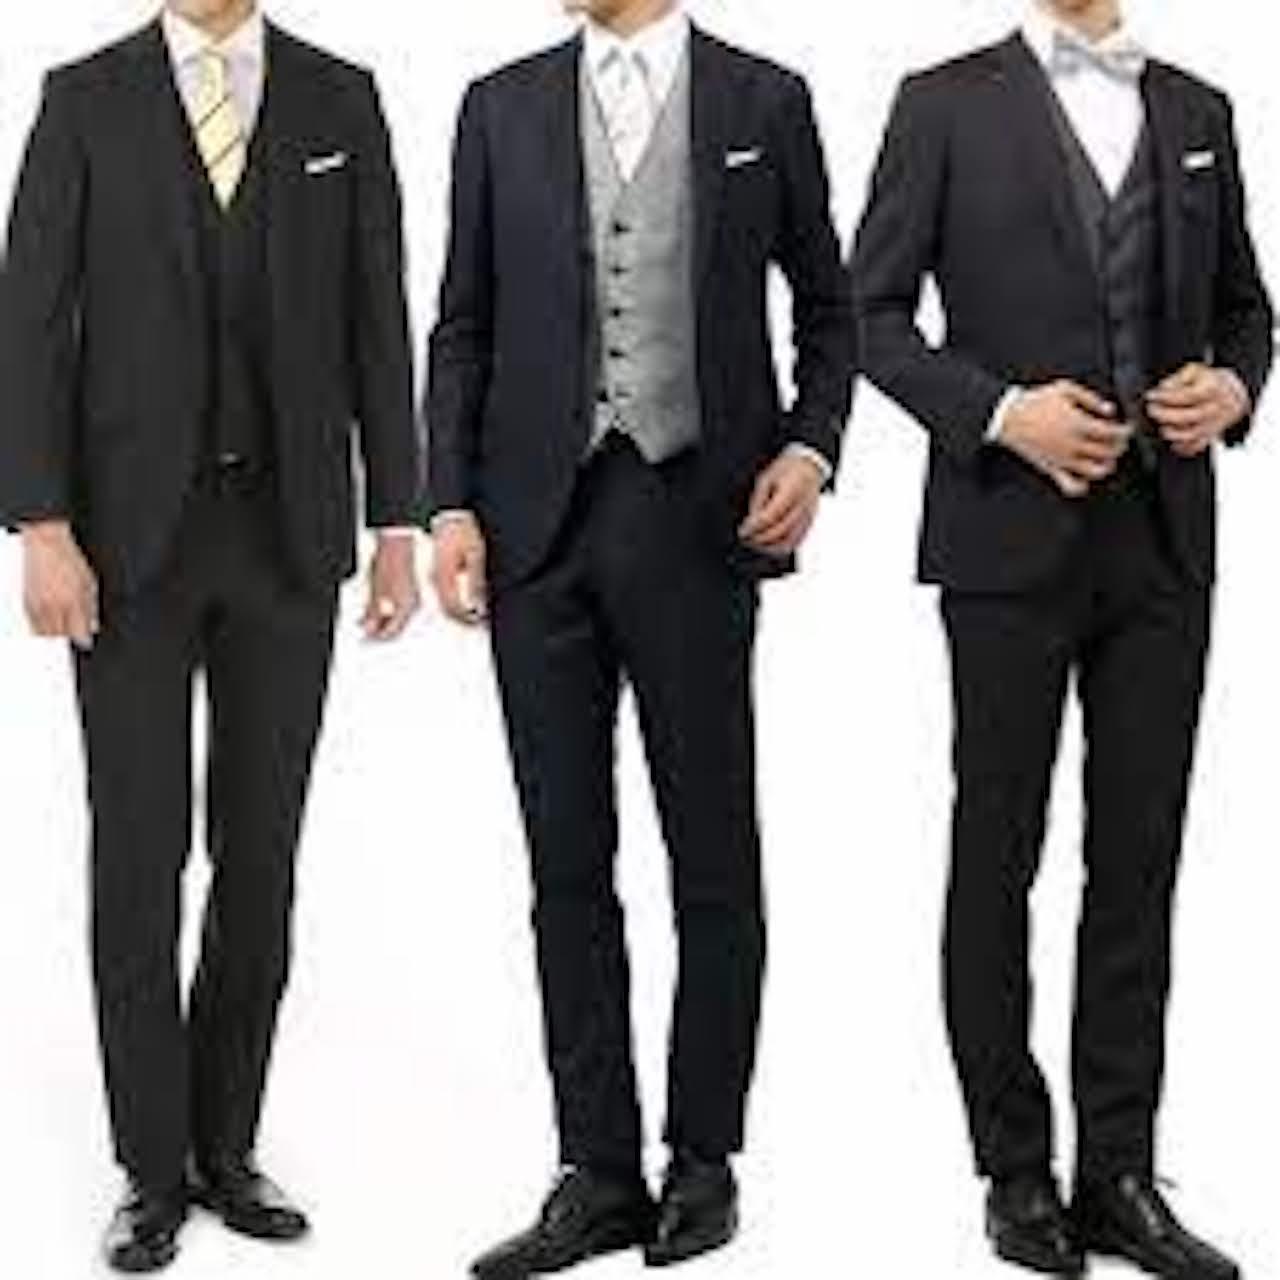 結婚式のお呼ばれで男性の服装のマナーを紹介!スーツ・シャツ・ネクタイはどんなアイテムを使うべき?